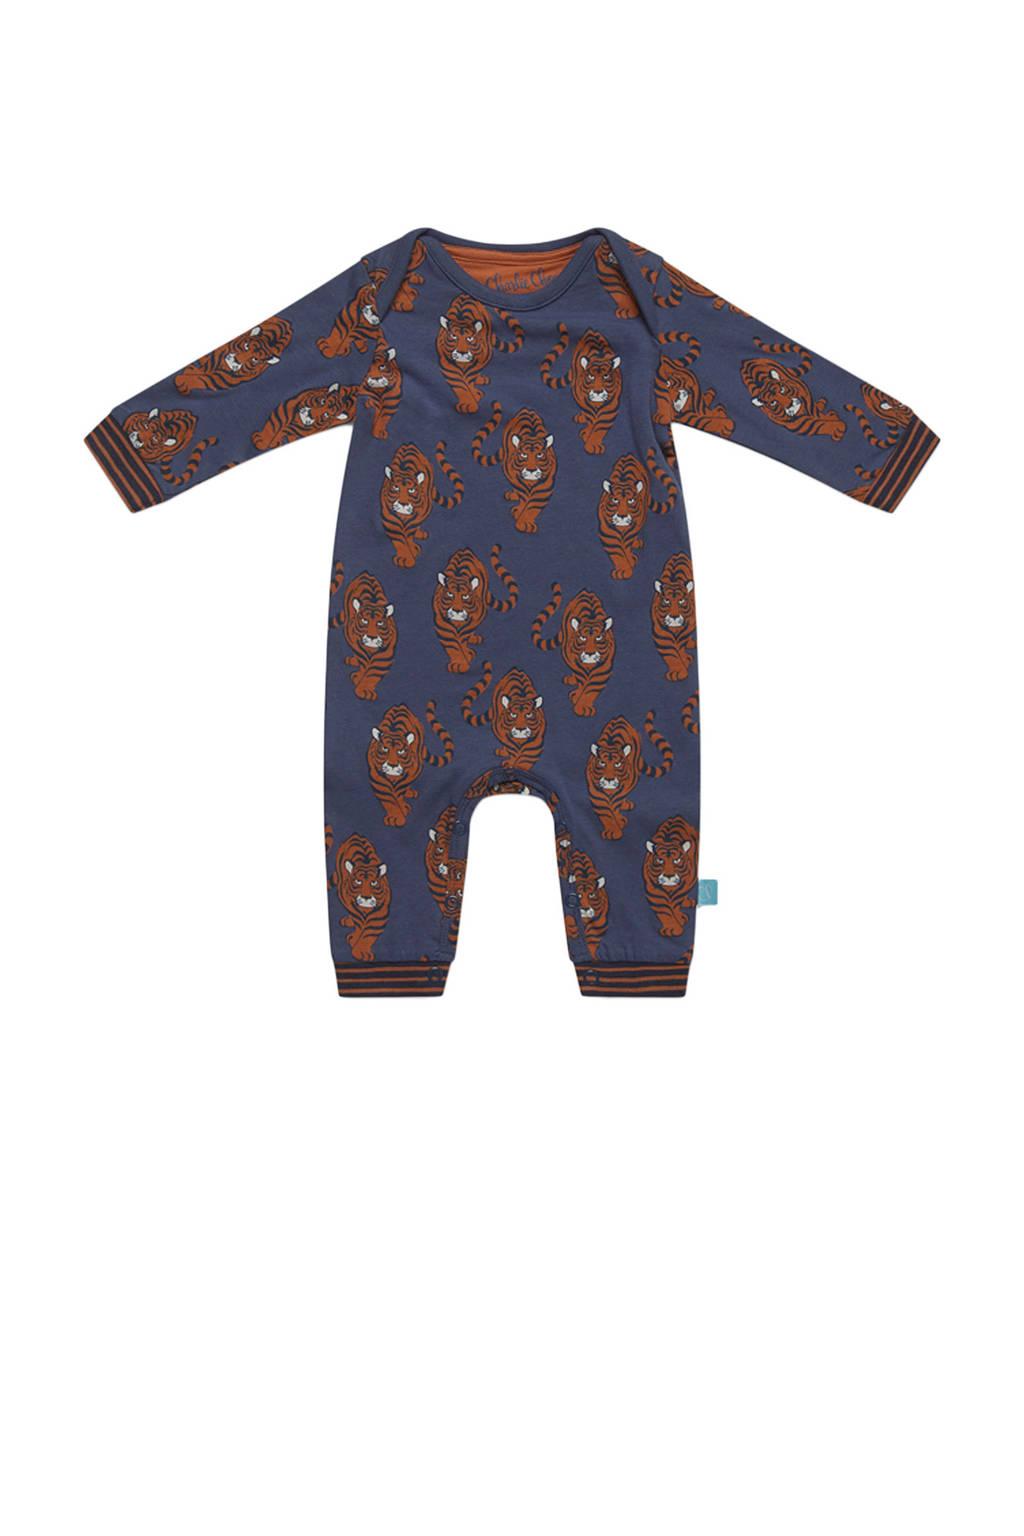 Charlie Choe baby boxpak met all over print blauw/bruin, Blauw/bruin